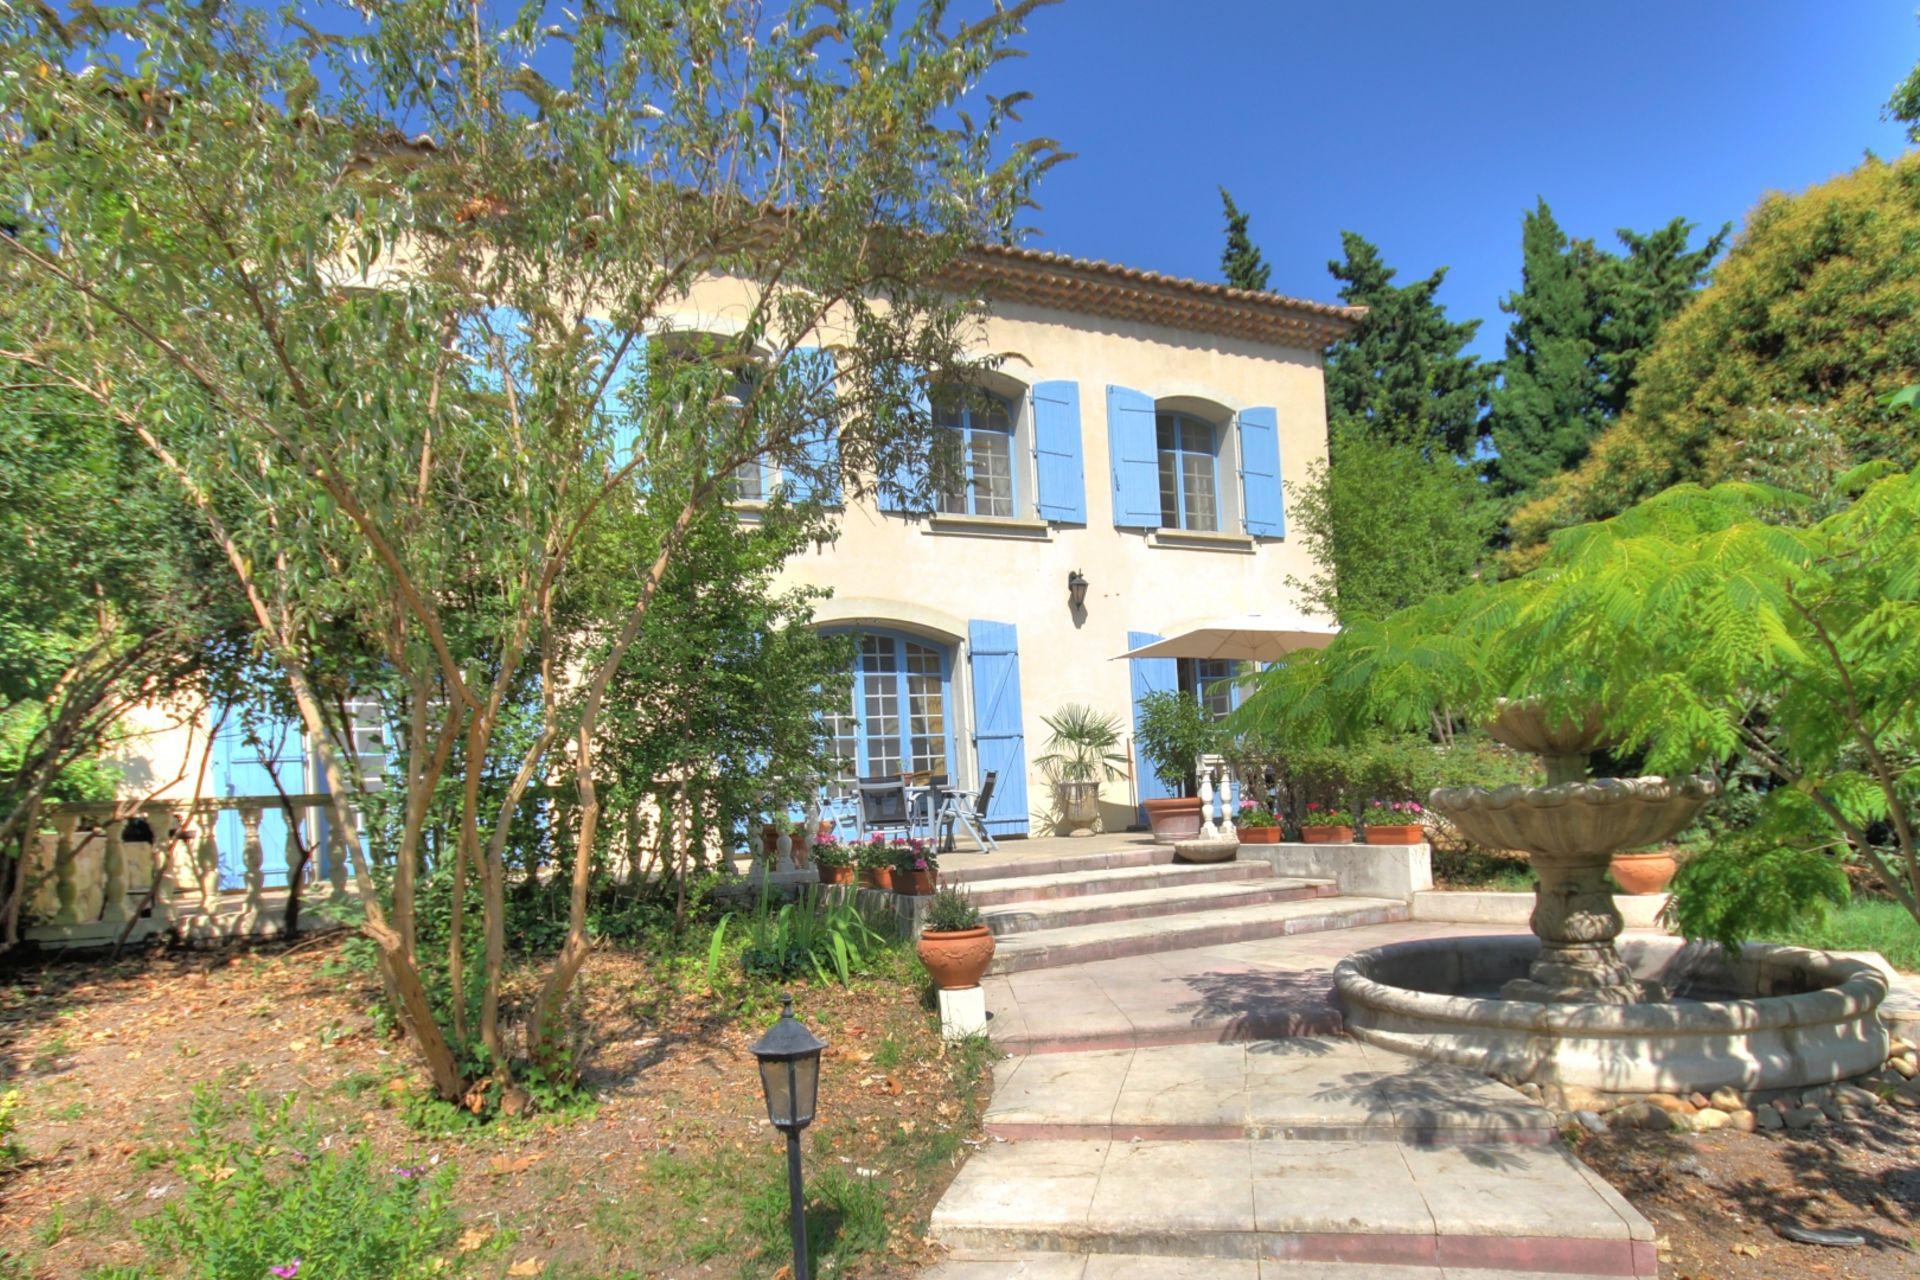 Acheter 39 villa de l 39 arc orange 39 dans la region provence for Acheter maison vaucluse